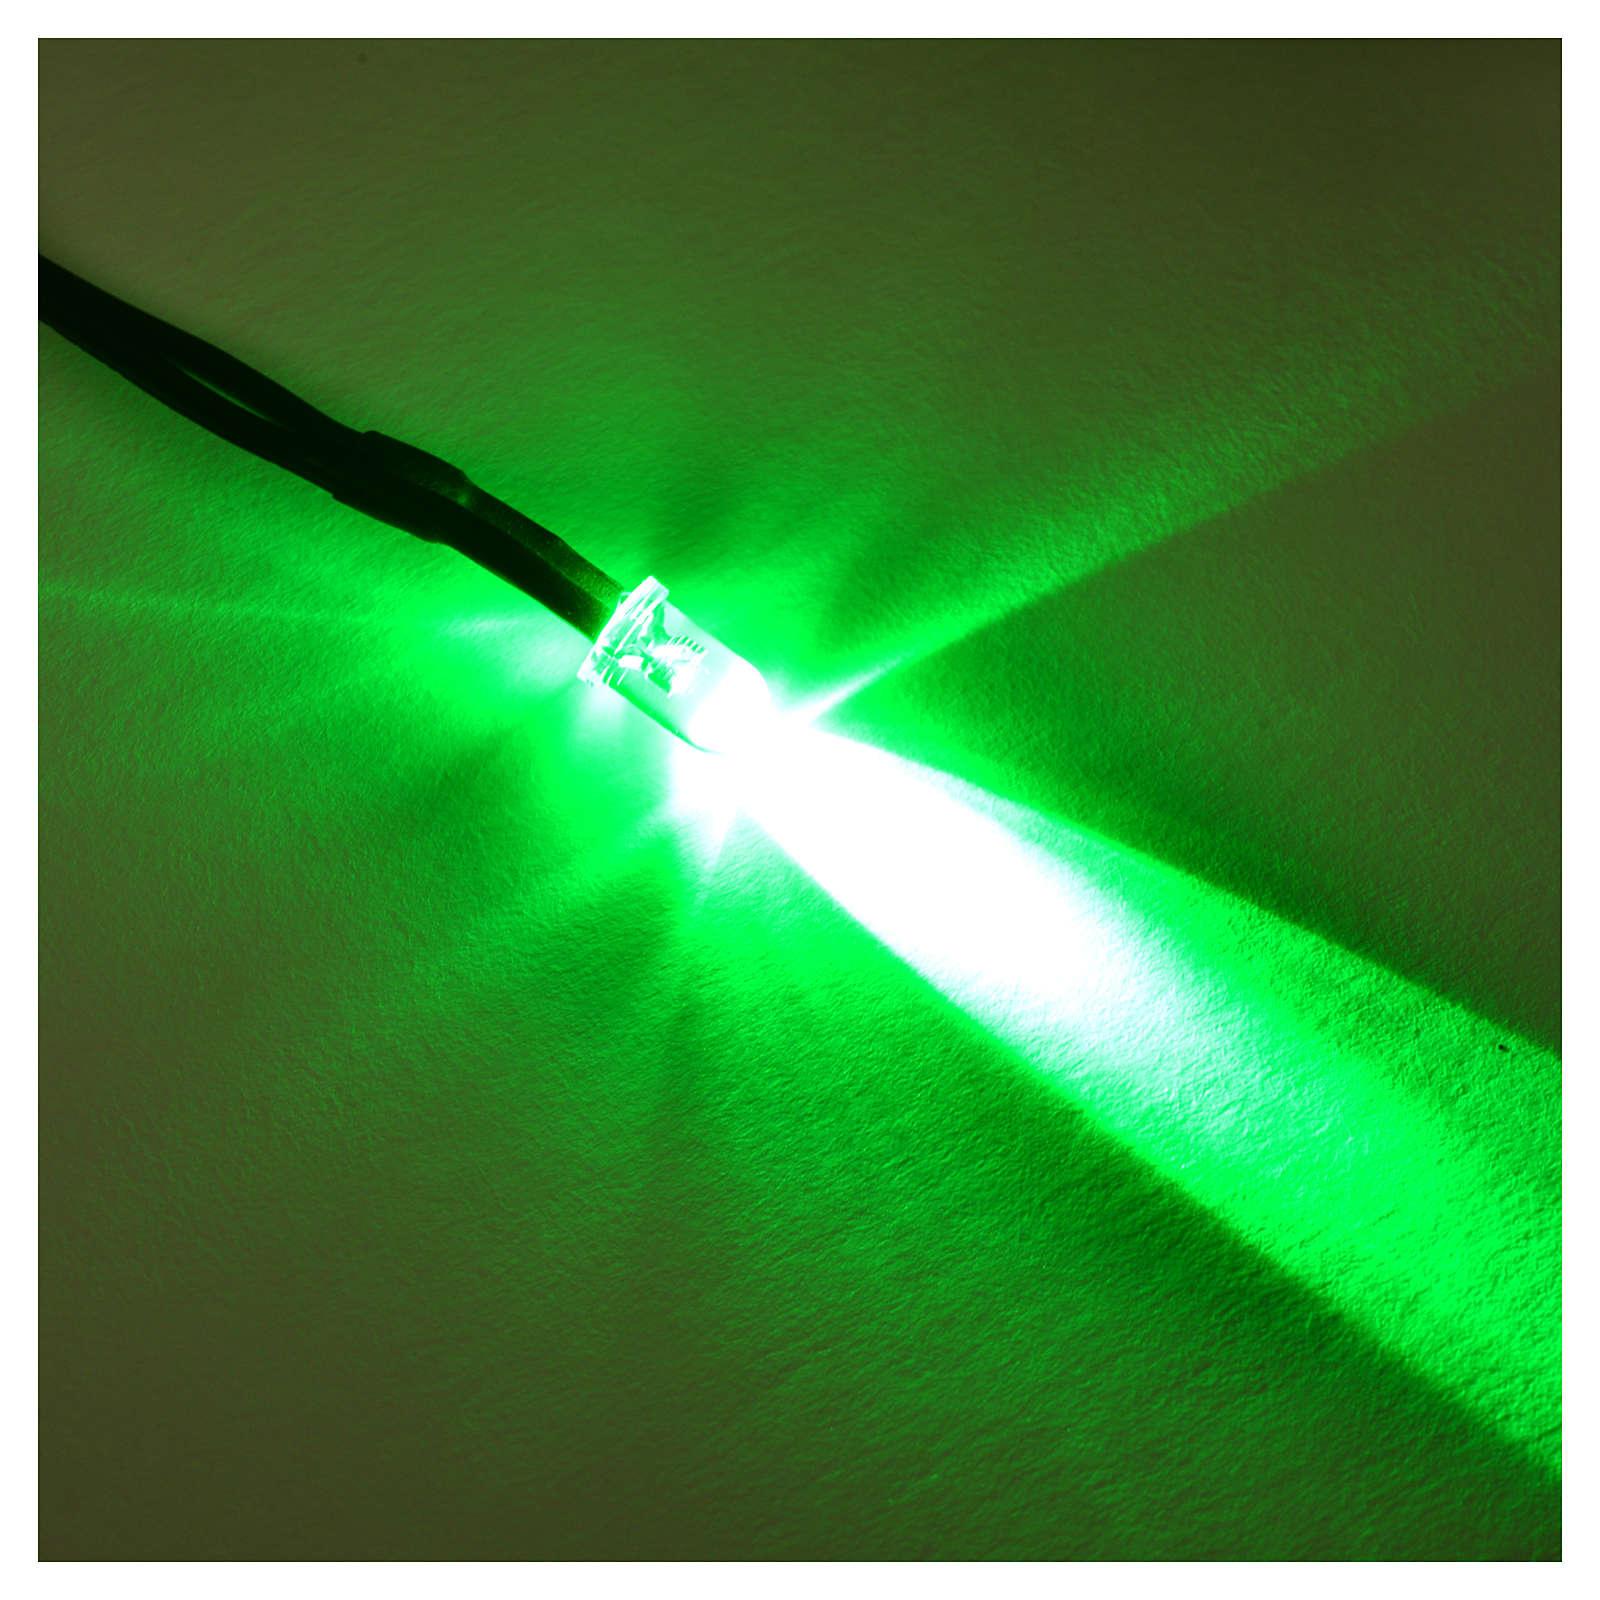 Led diam 5 mm luce verde per centraline serie Frisalight 4